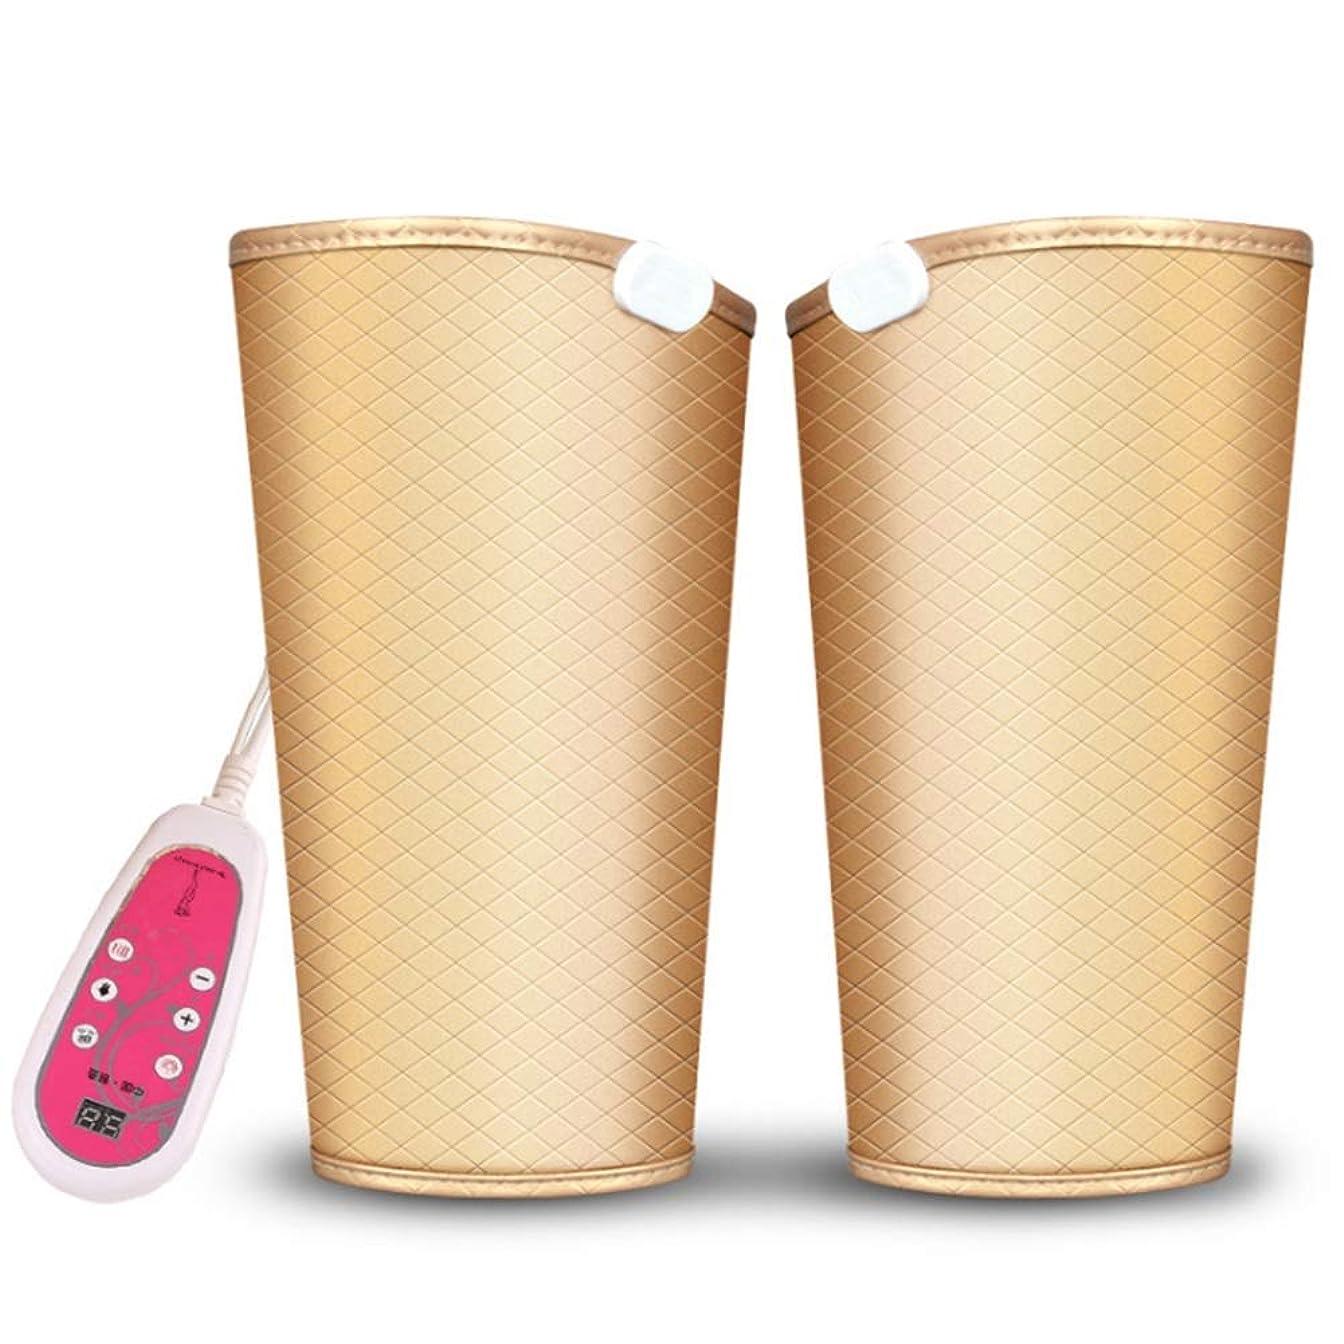 電報パートナー想起脚マッサージャーふくらはぎ脚マッサージャー、けいれん関節炎の痛みを軽減するためのマッサージ